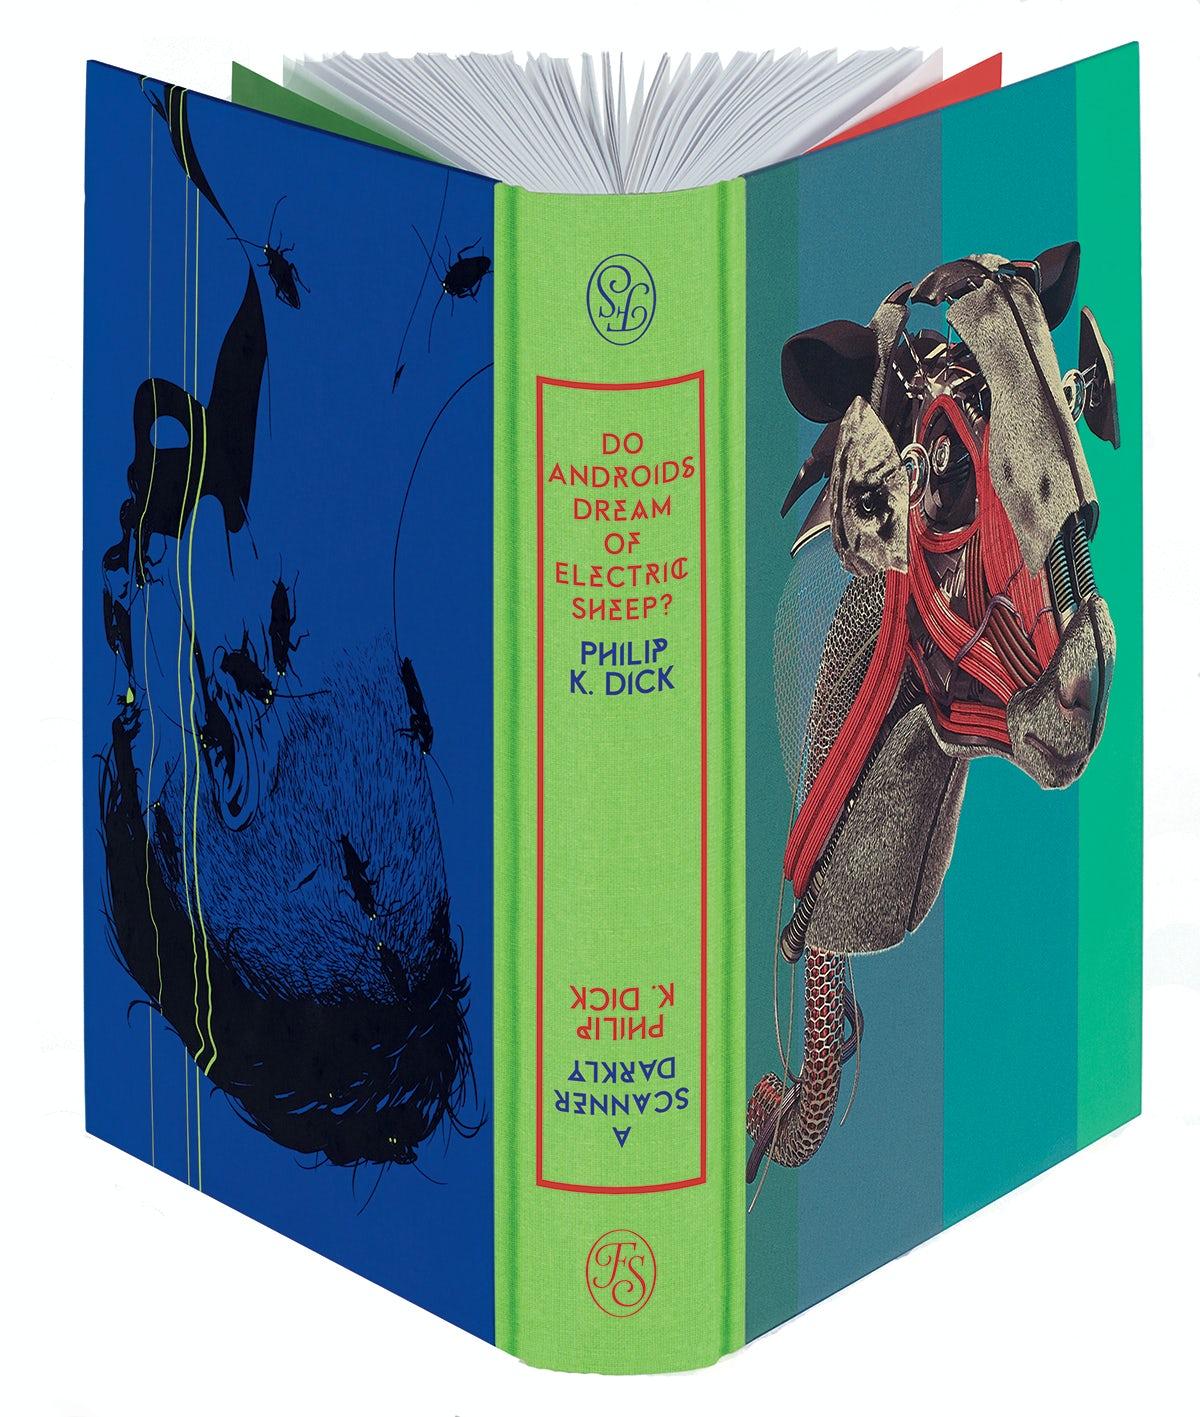 Uno de mis libros favoritos en una edición espectacular by The Folio Society